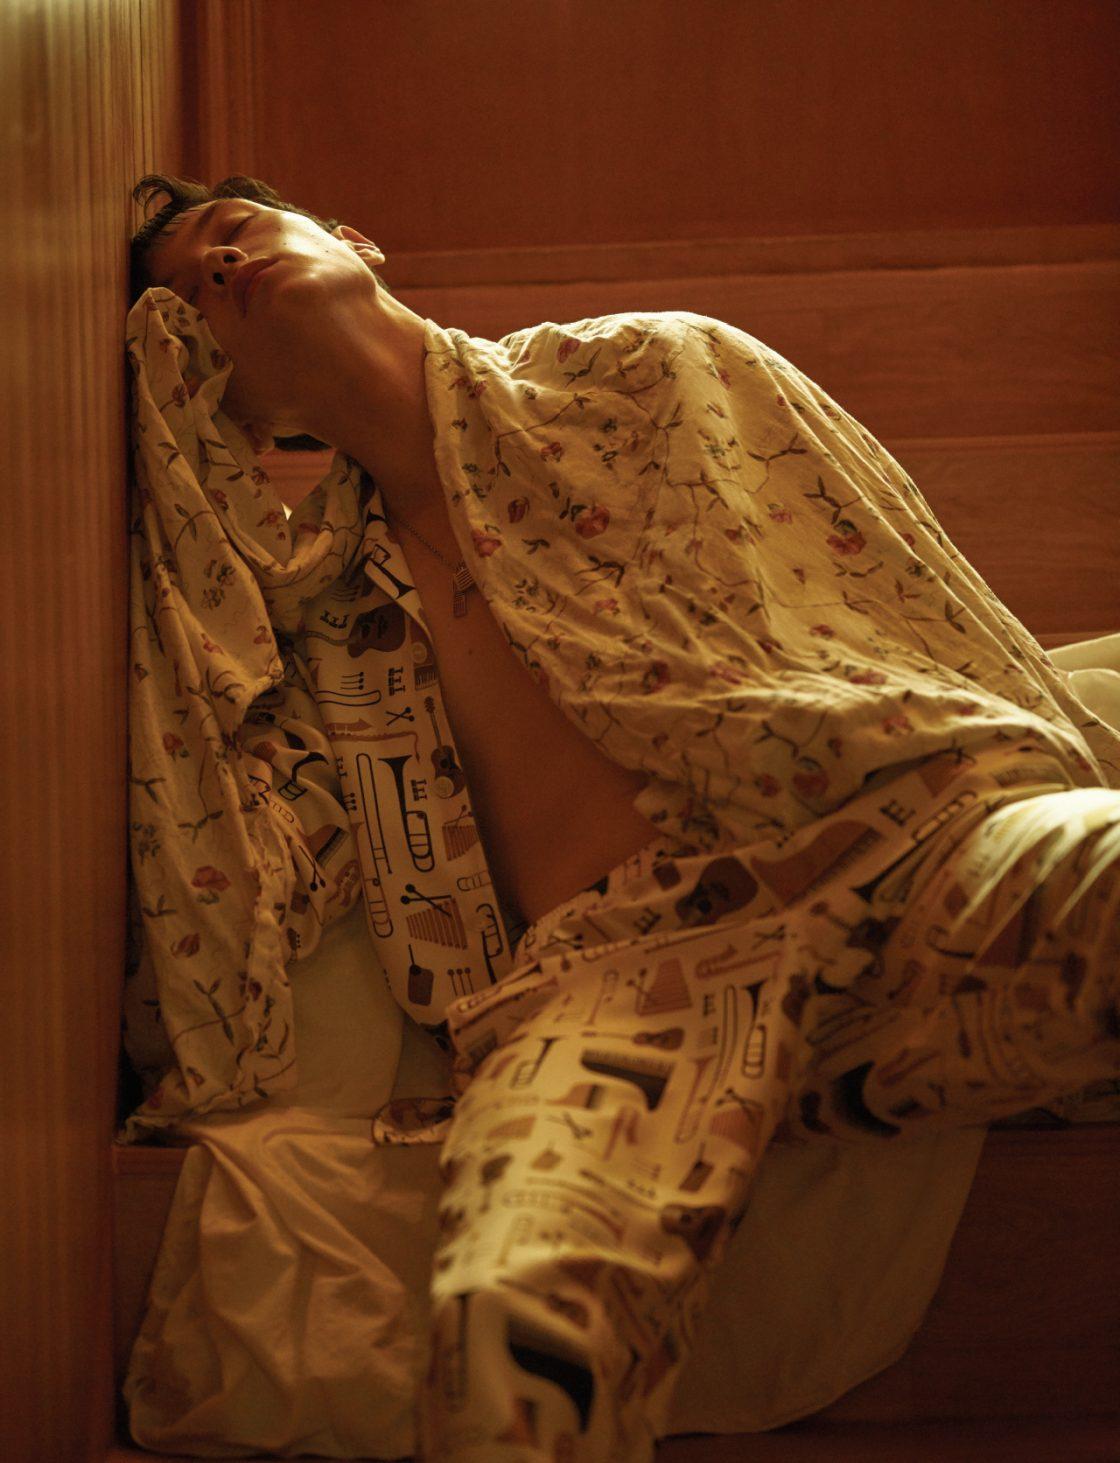 실크 파자마 셔츠, 바지 모두 가격 미정 돌체&가바나. 목걸이 52만원 루이비통.